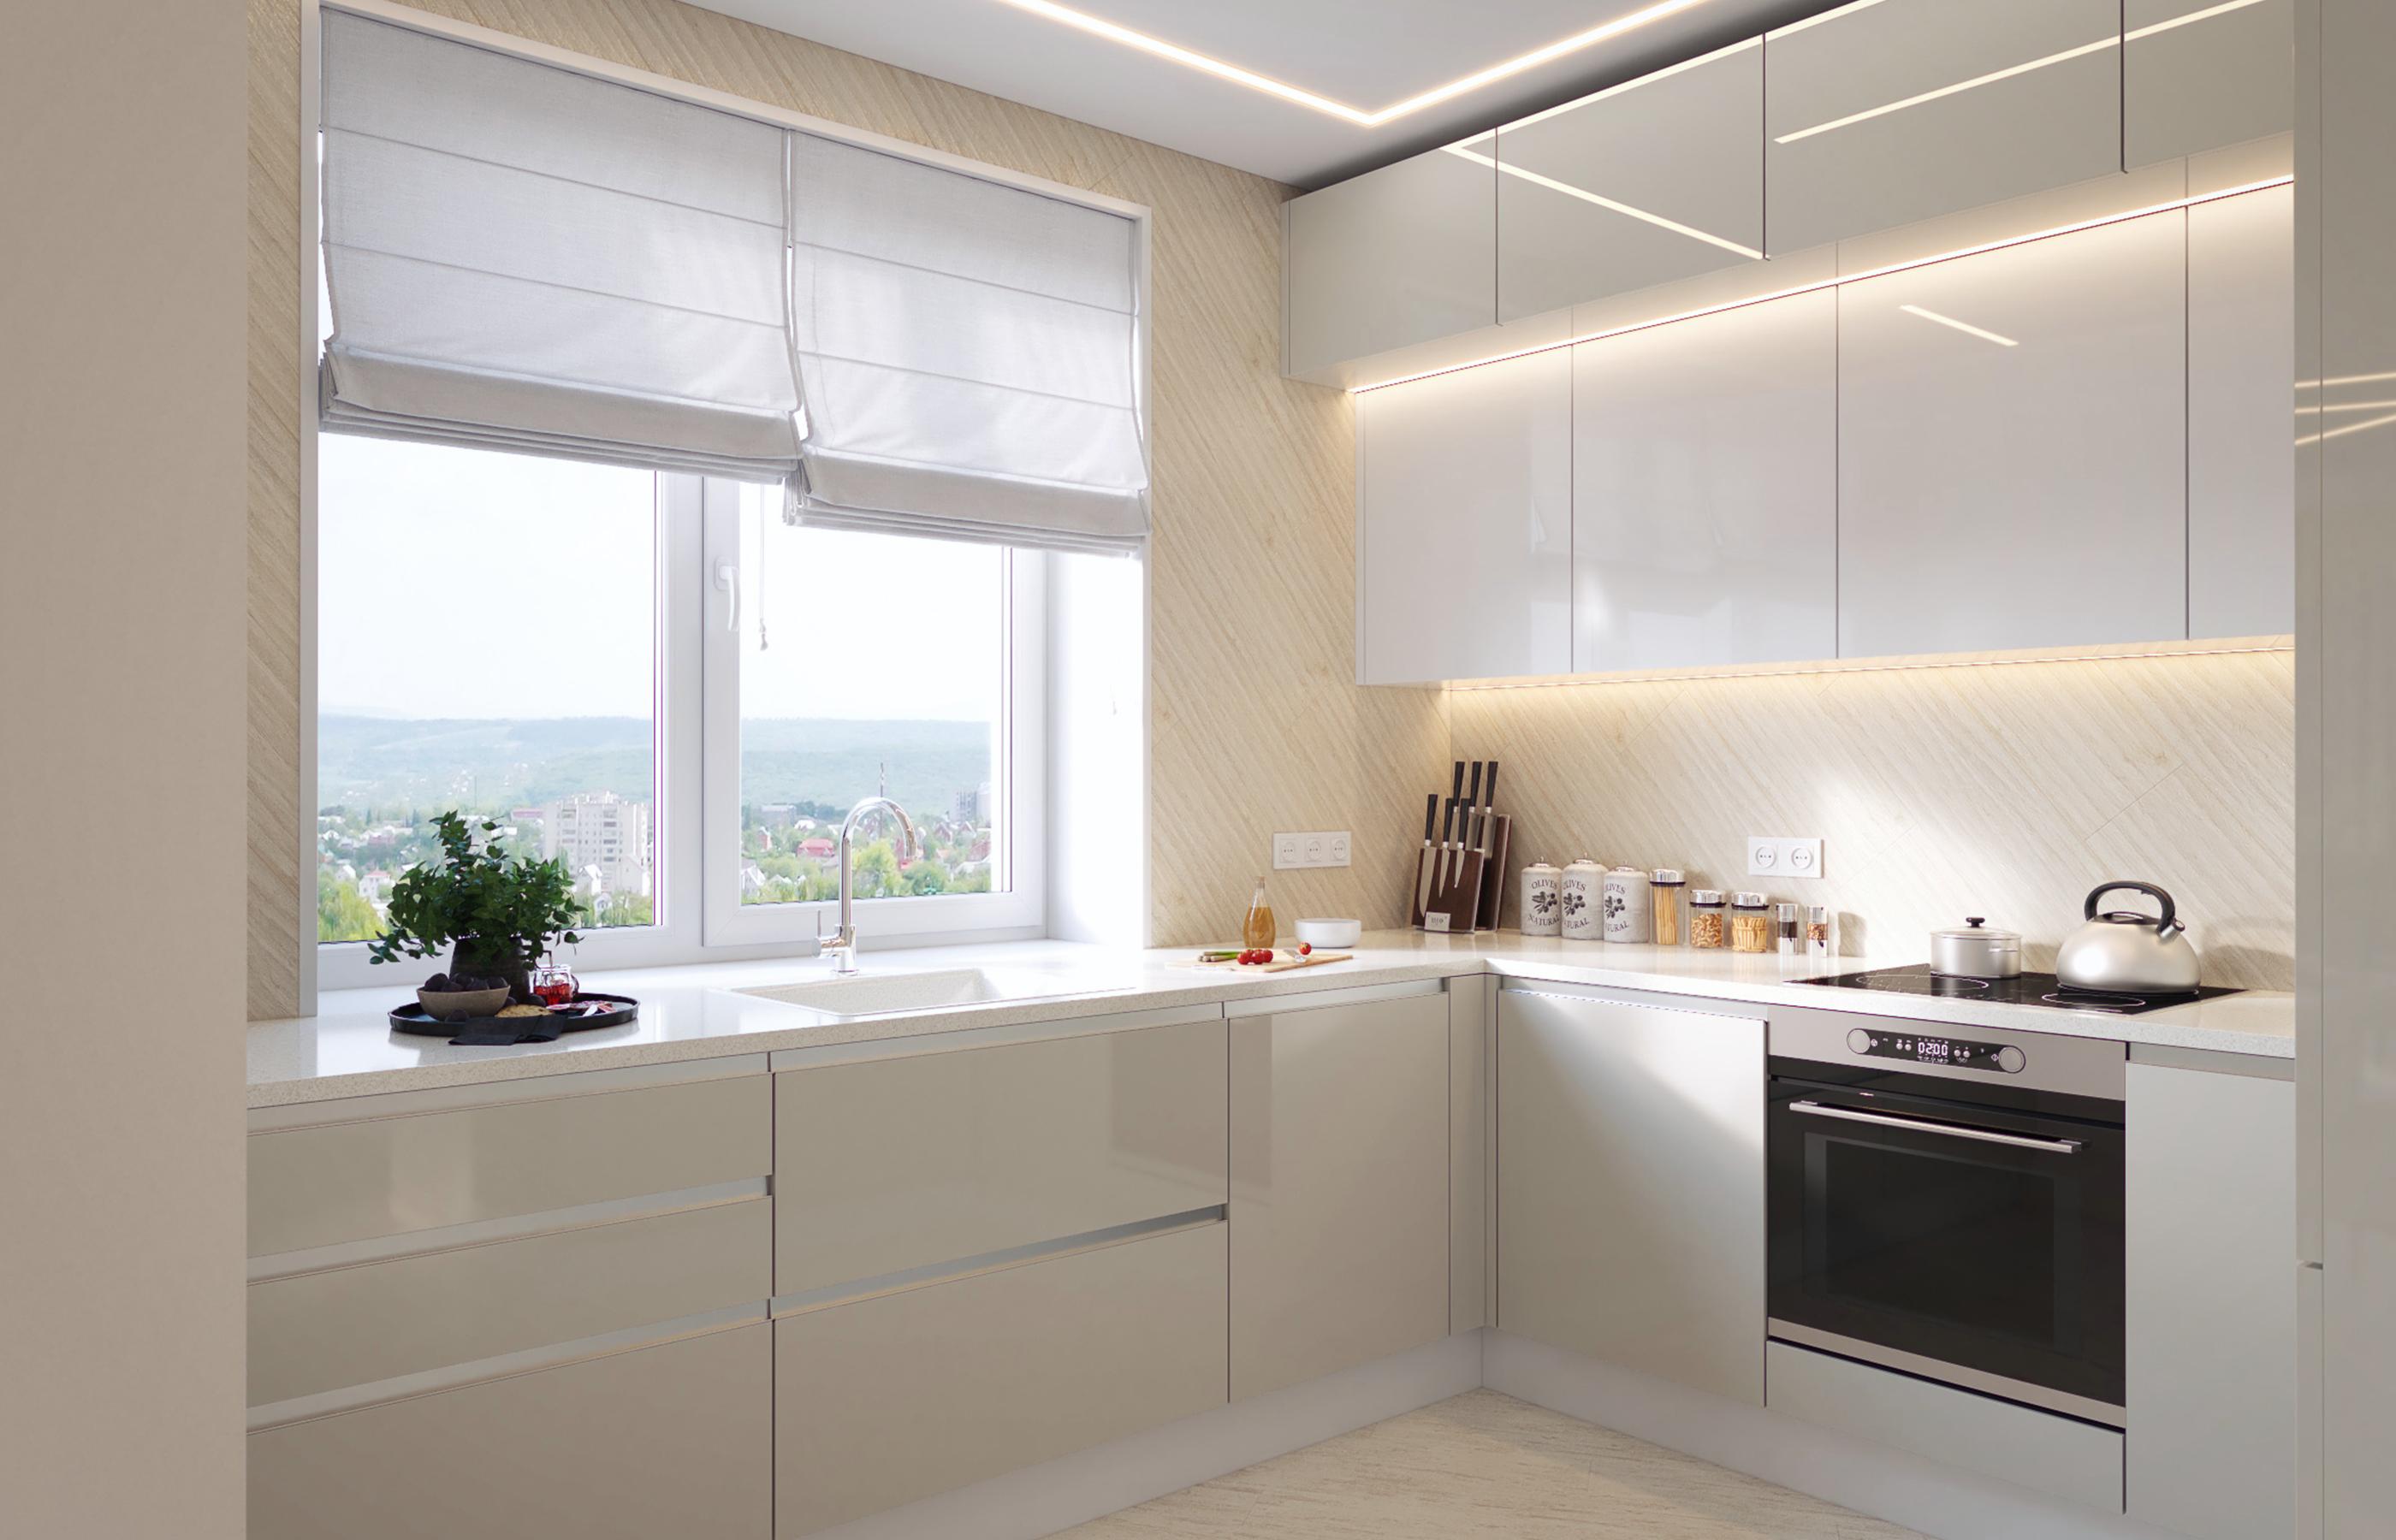 Минимализм интерьера кухни обогащен красивым видом из окна на панораму Казани